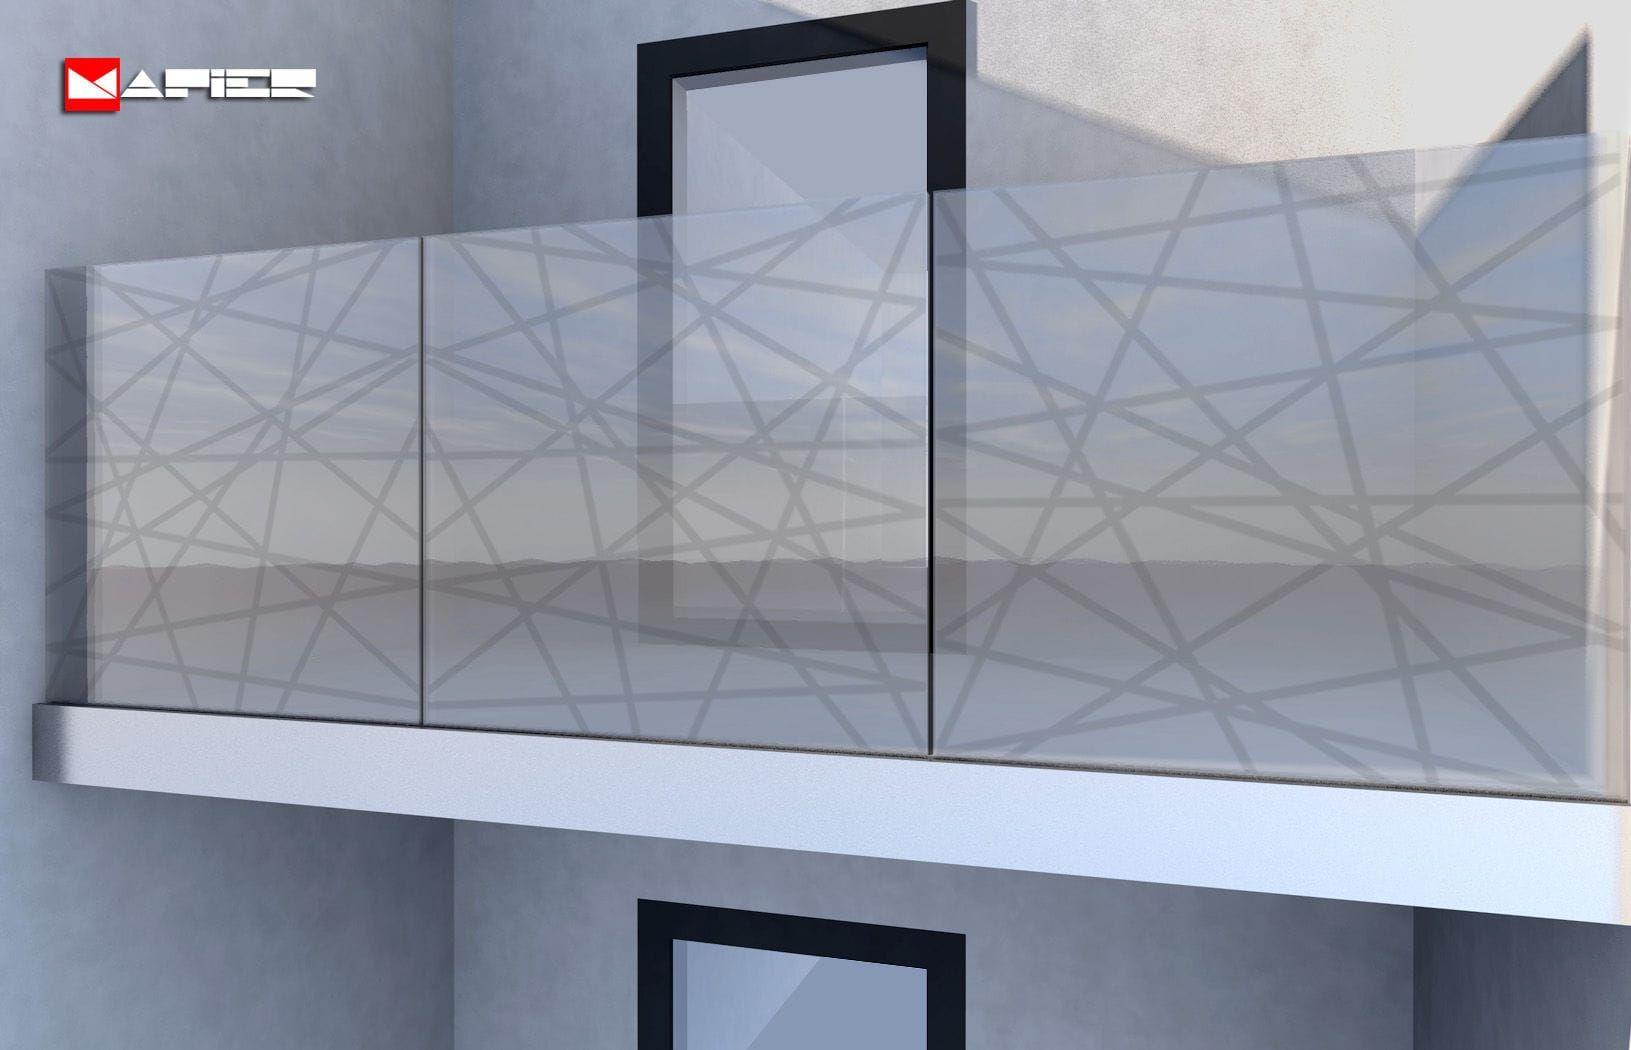 garde-corps en aluminium / à barreaux / d'extérieur / pour terrasse